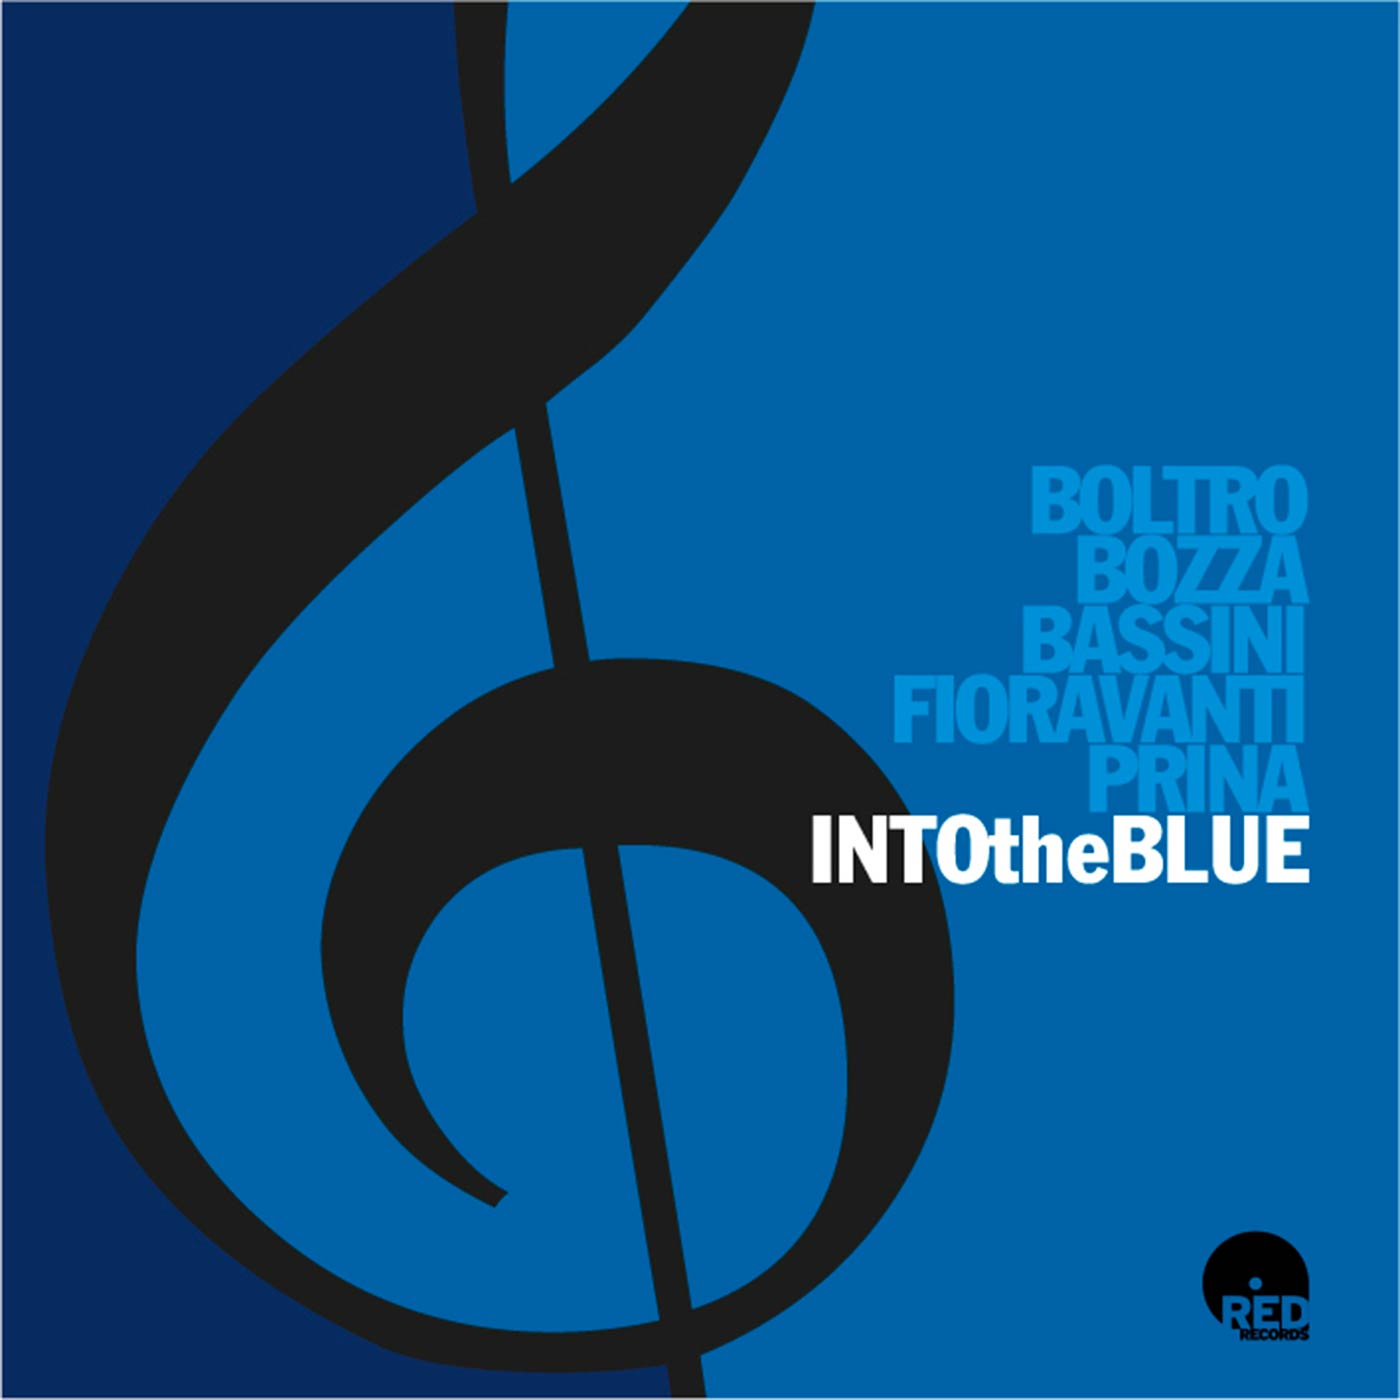 Into The Blue - Giampiero Prina,Michele Bozza,Riccardo Fioravanti,Piero Bassini,Flavio Boltro